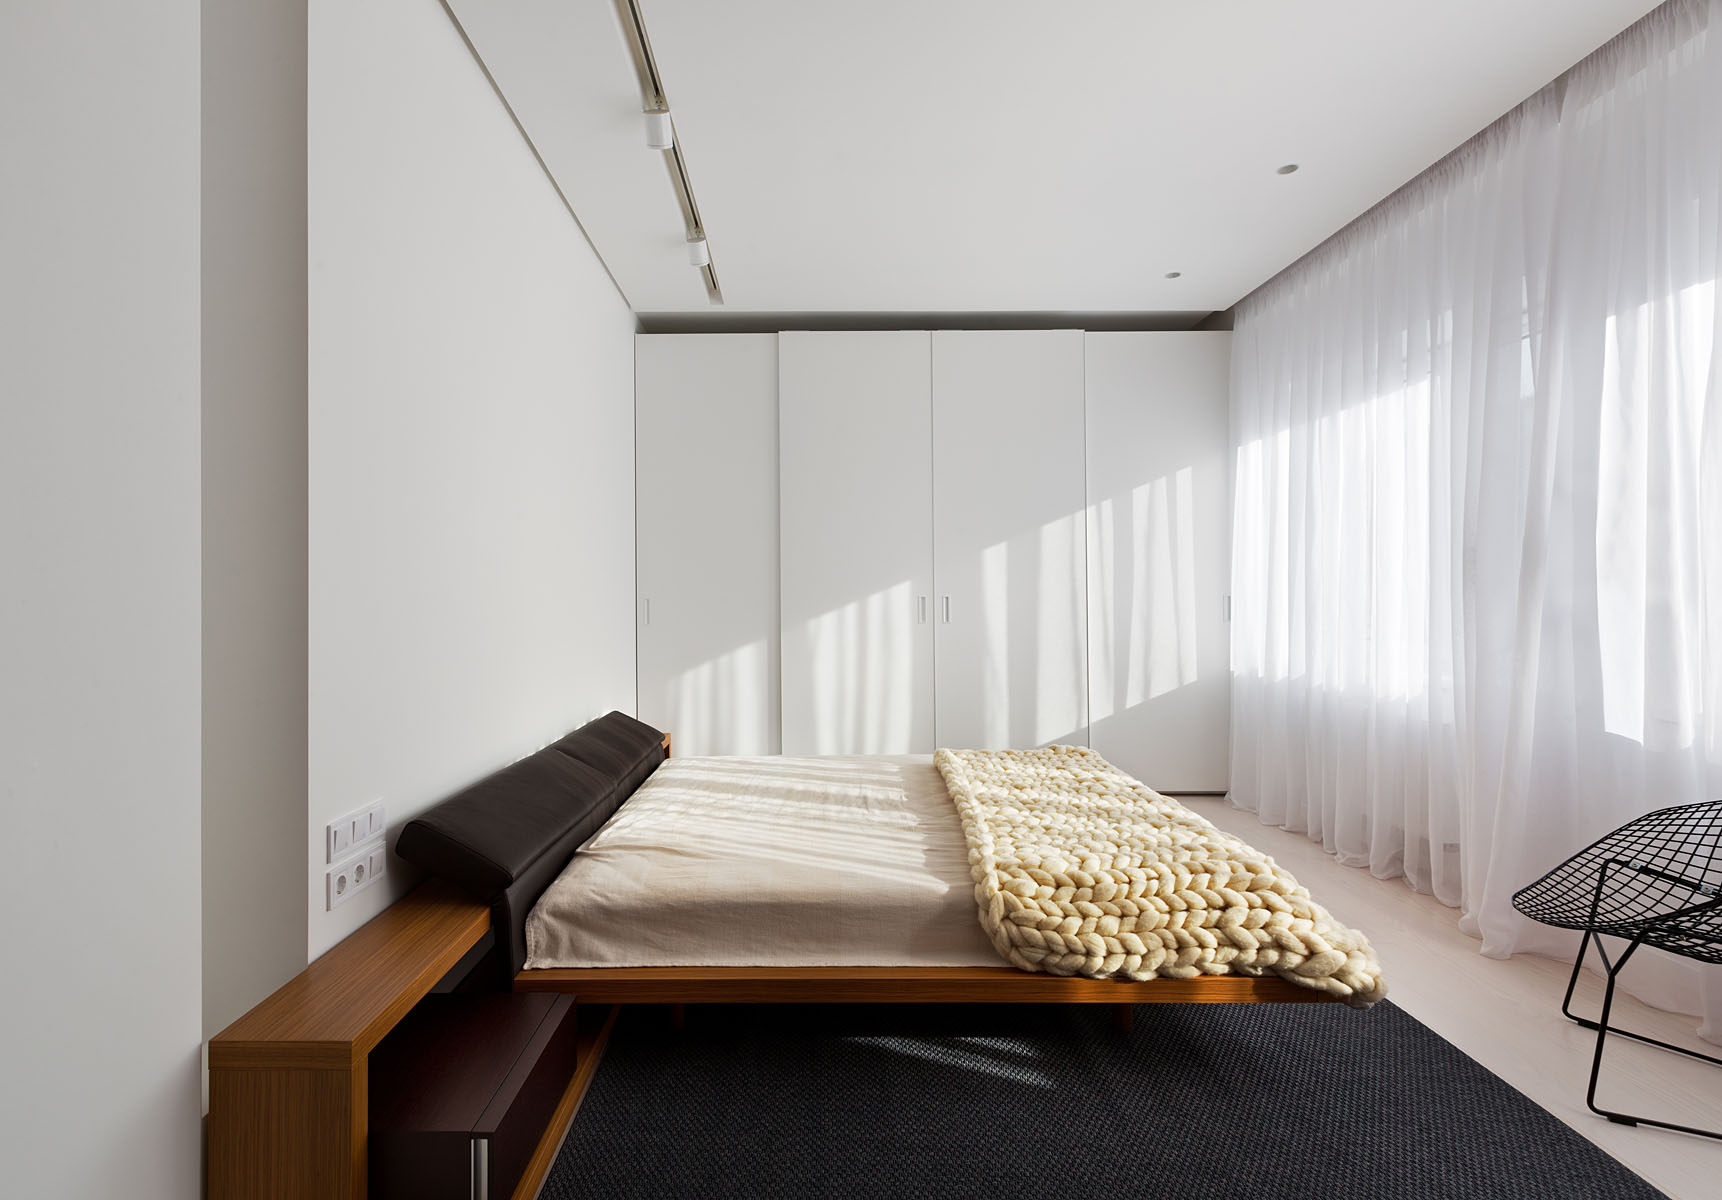 дървени панели модерен интериор_17